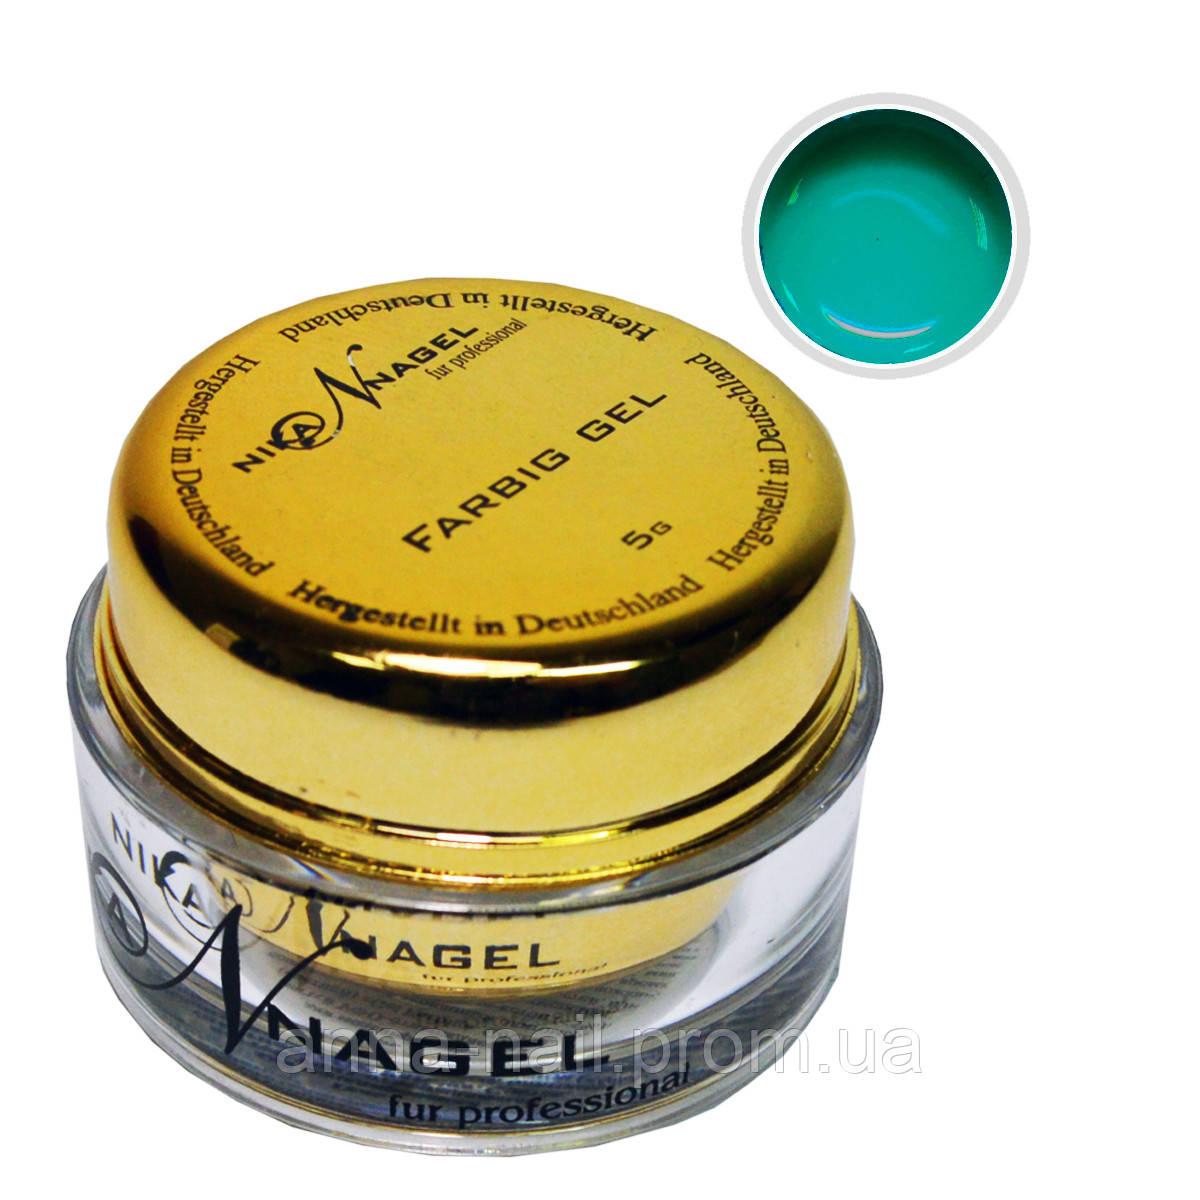 Гель для китайской росписи NIKA NAGEL Мохито K20 зеленый, 5 г